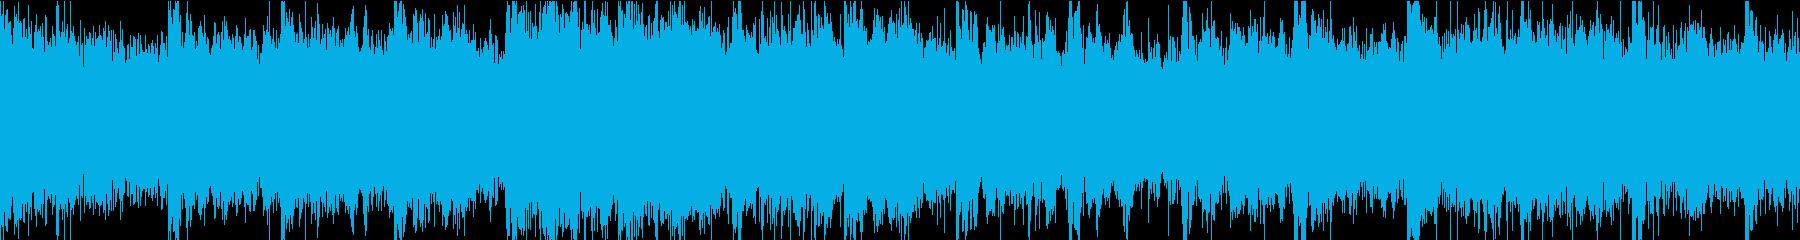 シンフォニックとワールド/エスニッ...の再生済みの波形